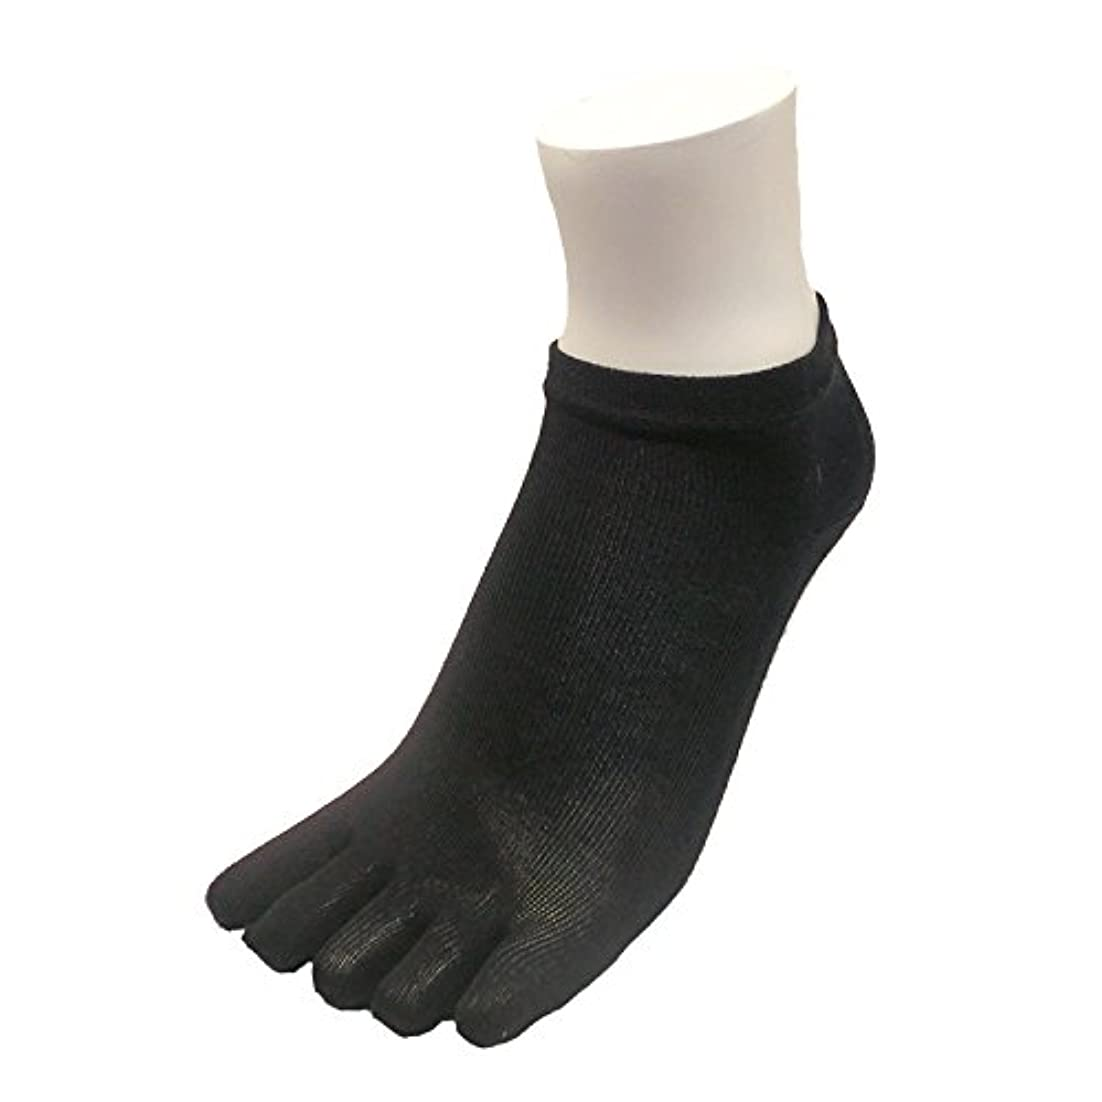 ふさわしいシリングアーサーシルク 五本指 ソックス 23-25cm 日本製 (ブラック3足セット)絹 靴下